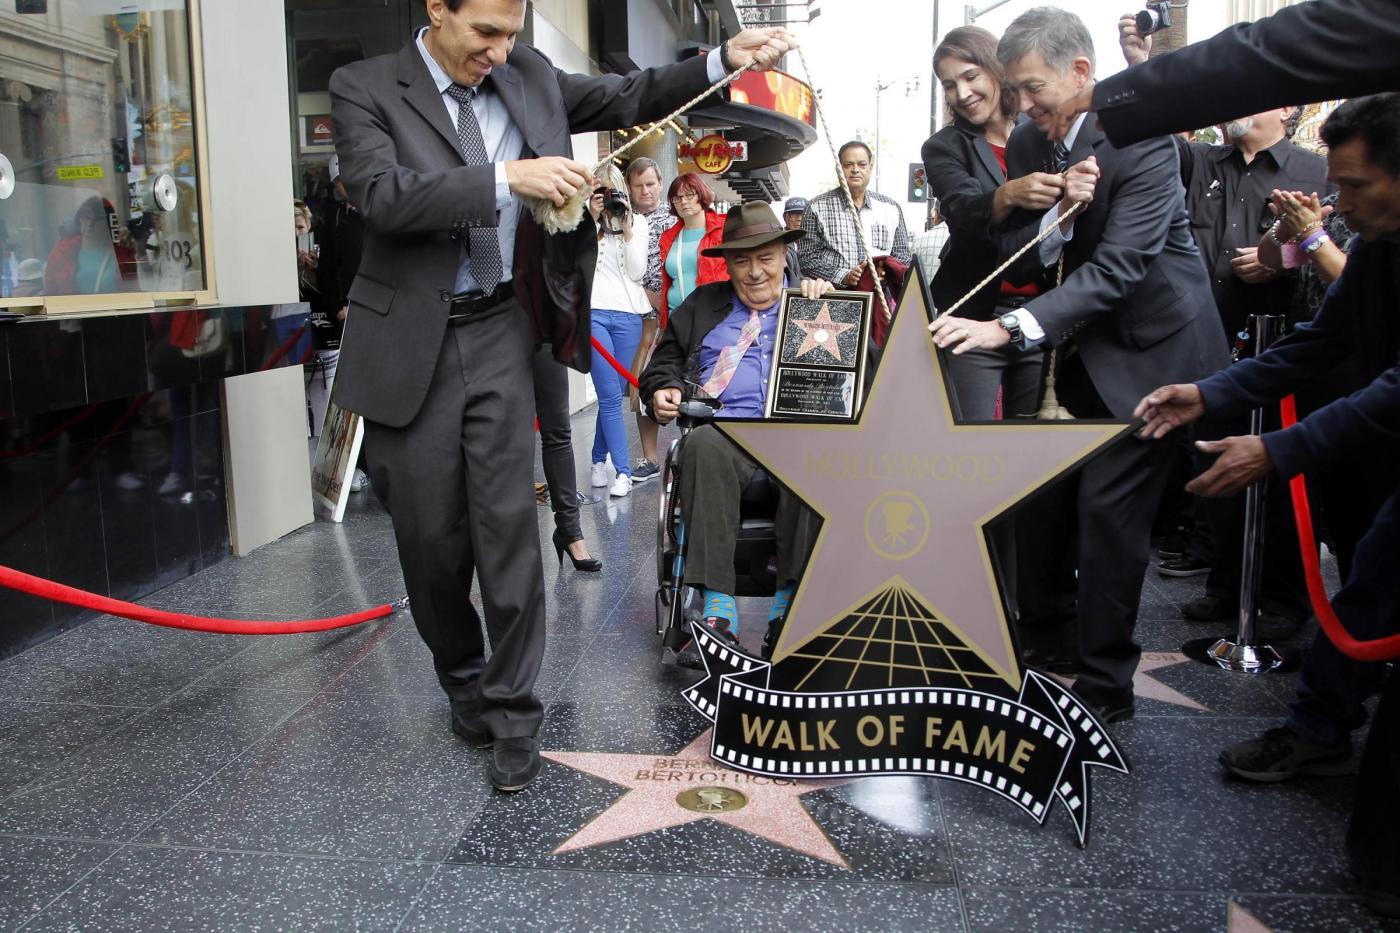 Bernardo Bertolucci onorato sulla Walk of Fame02